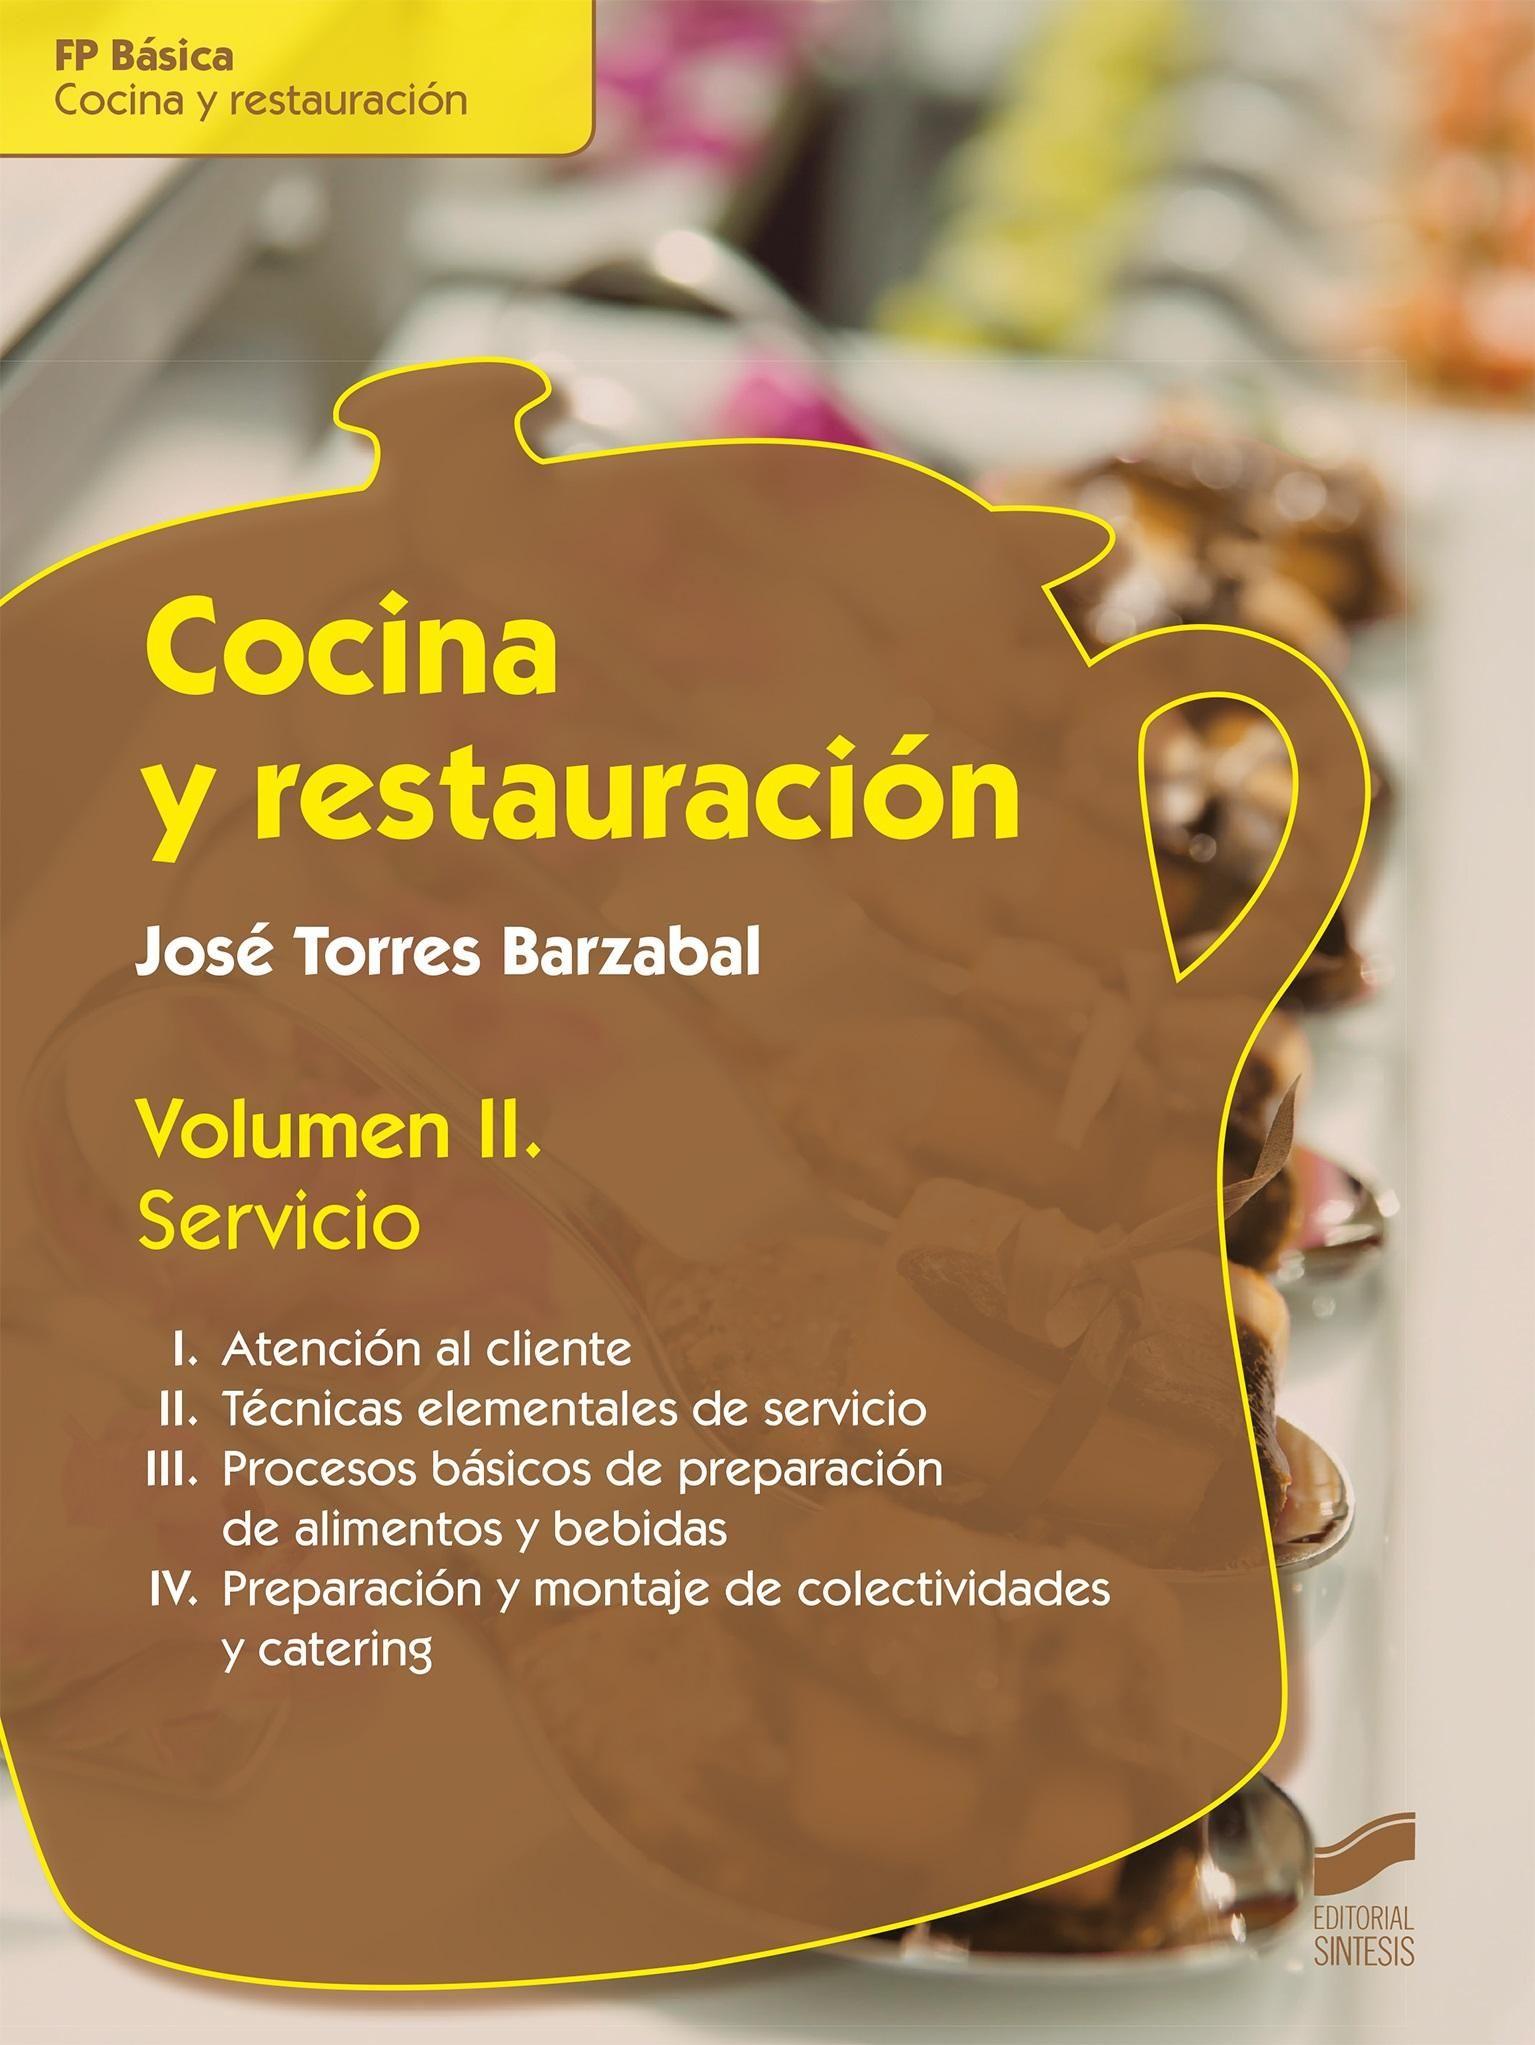 COCINA Y RESTAURACIÓN